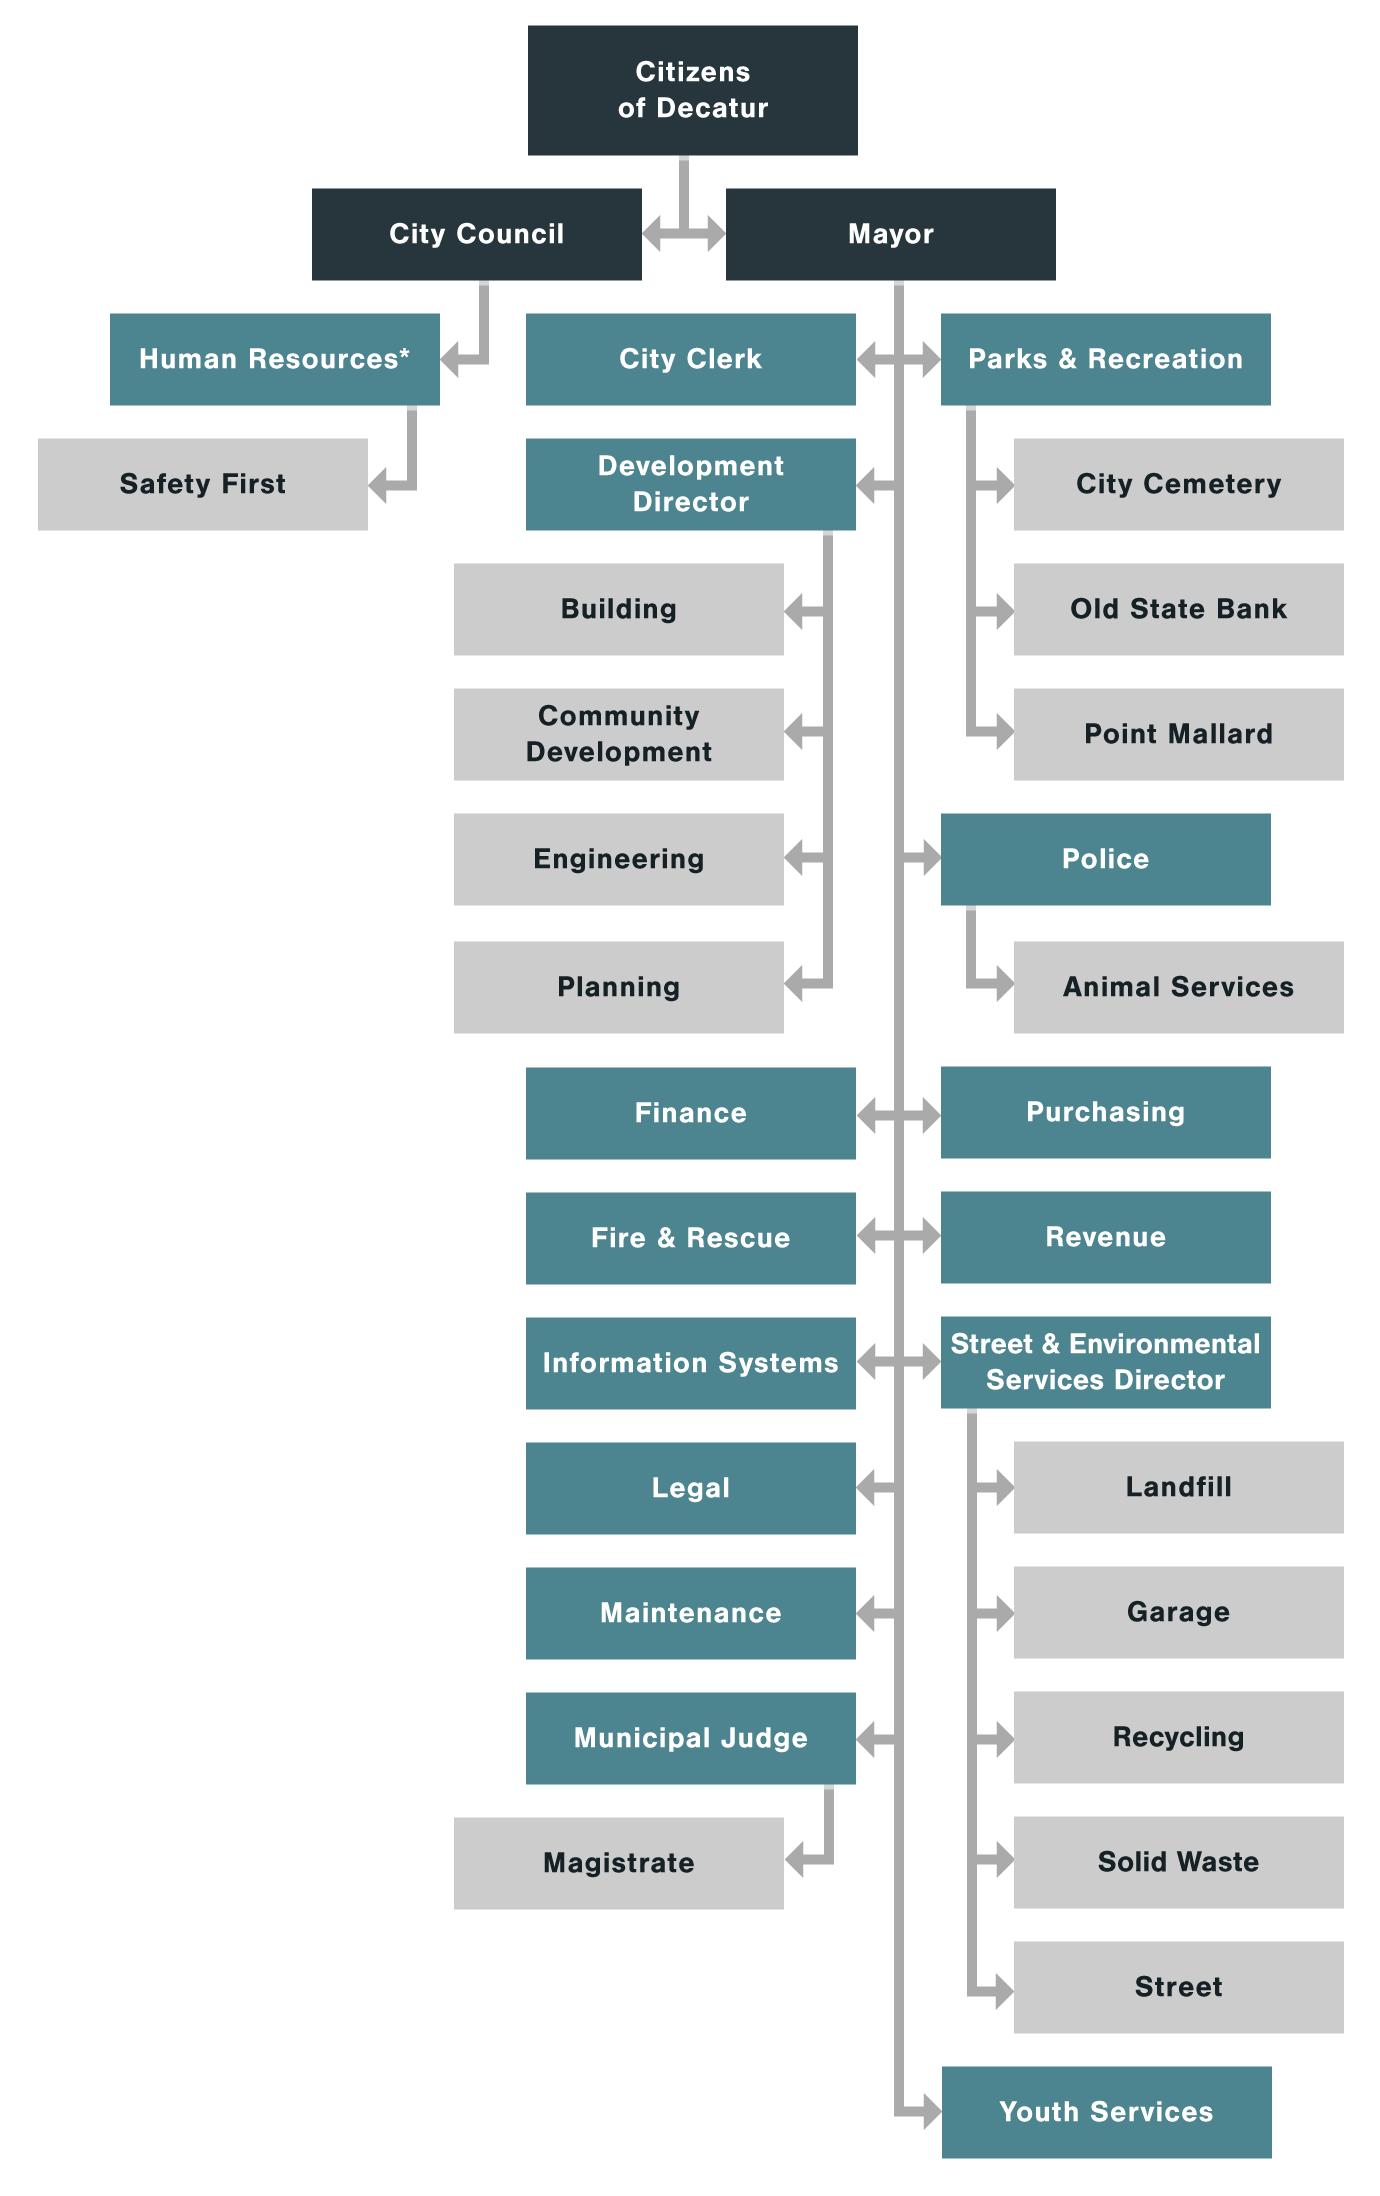 Organization Chart | Organization Chart City Of Decatur Alabama